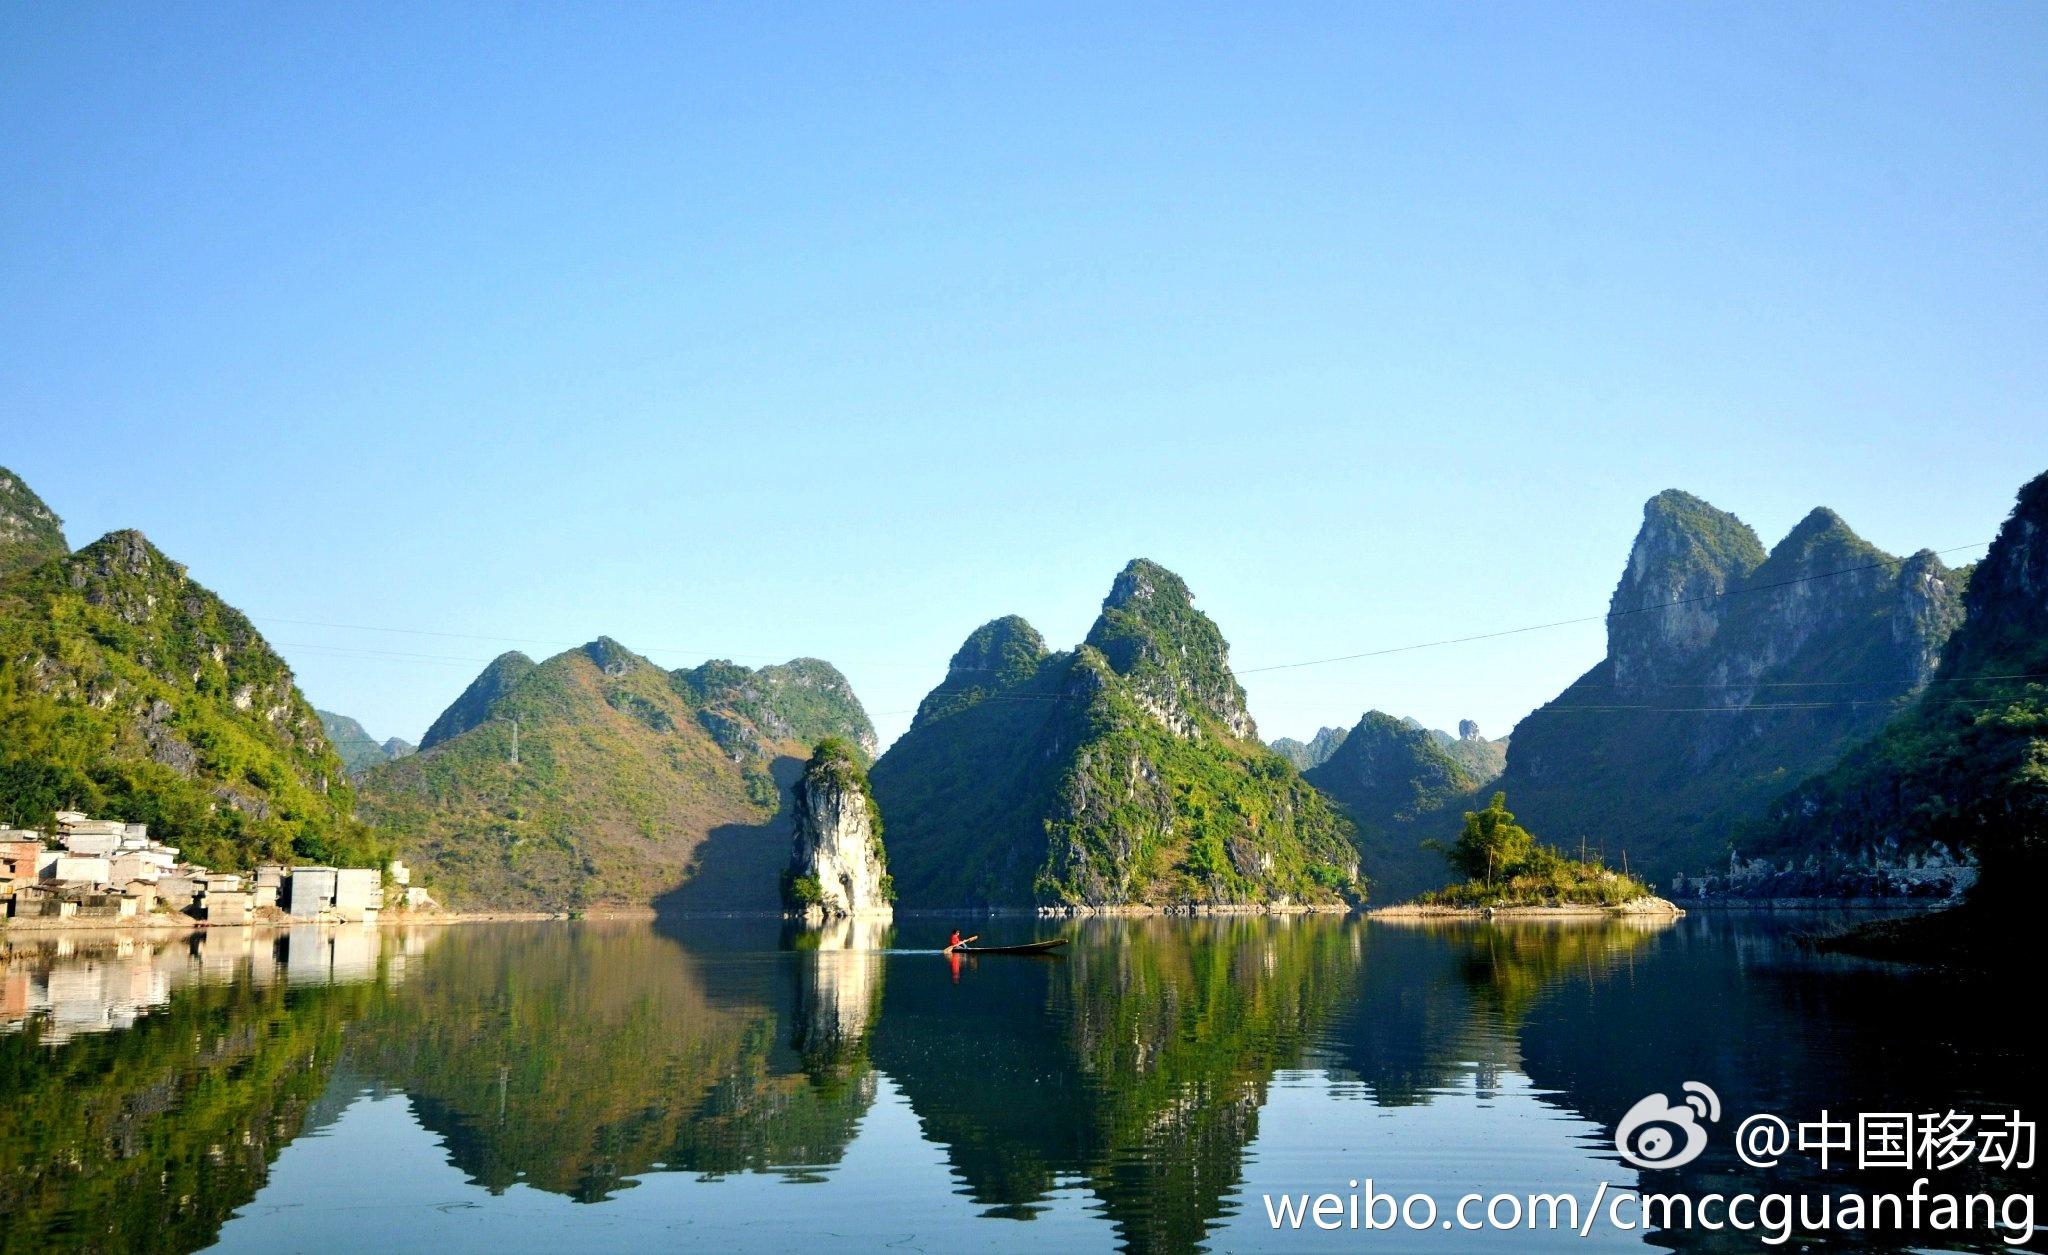 """#移动家族播报厅#广西上林,一个拥有40万人口的县城,素有广西""""首府后花园""""之美誉"""